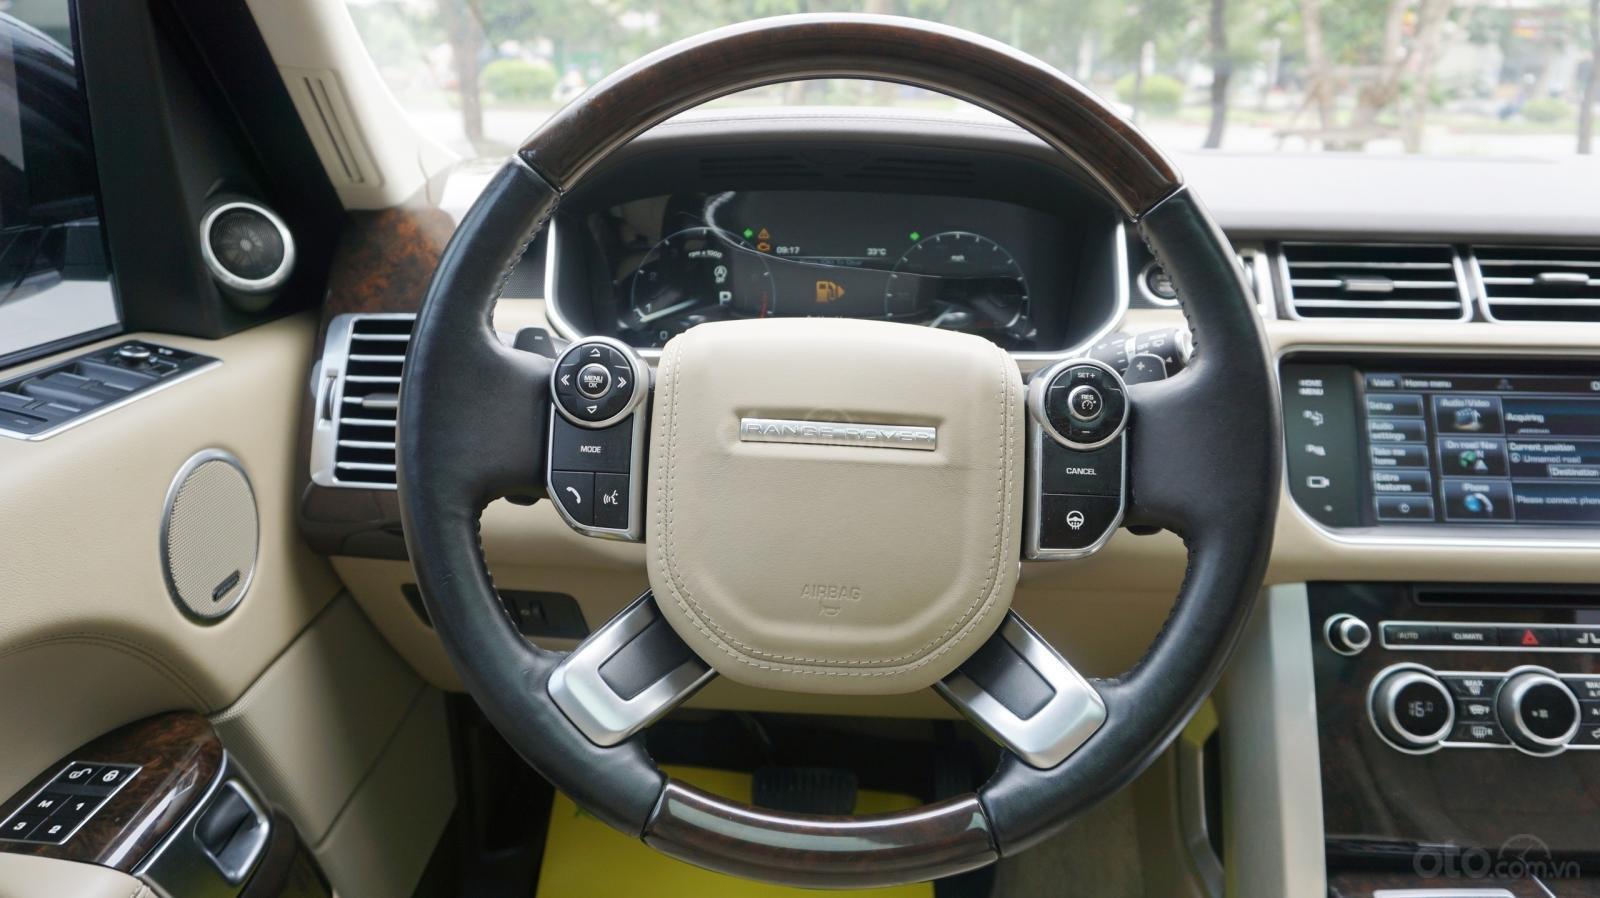 Bán LandRover Range Rover HSE đời 2015, màu bạc, nhập khẩu Mỹ. LH 0982.84.2838-21